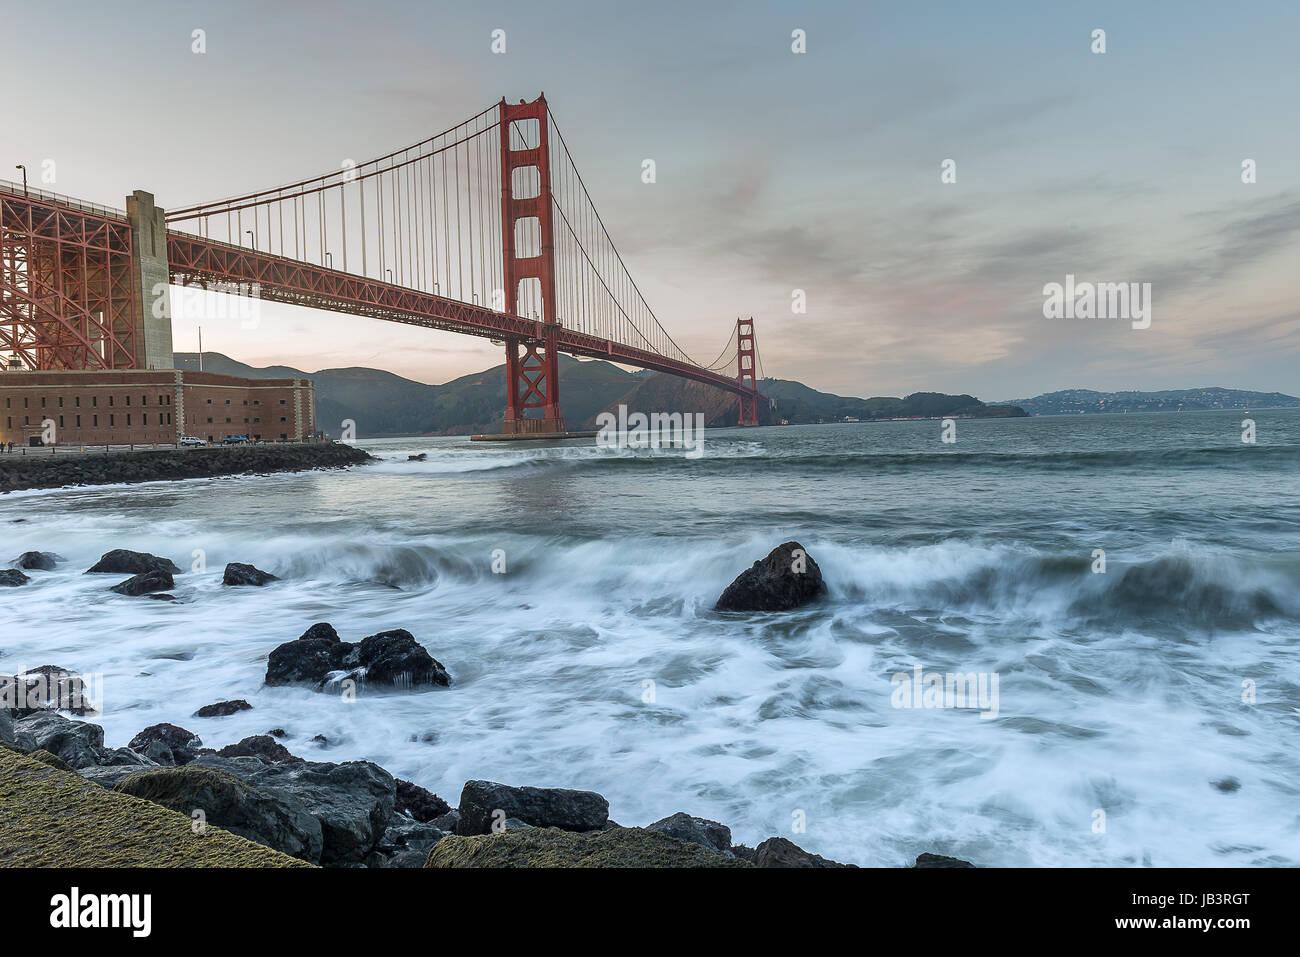 Welt berühmten Wahrzeichen der Welt, Golden Gate Birdge Stockbild